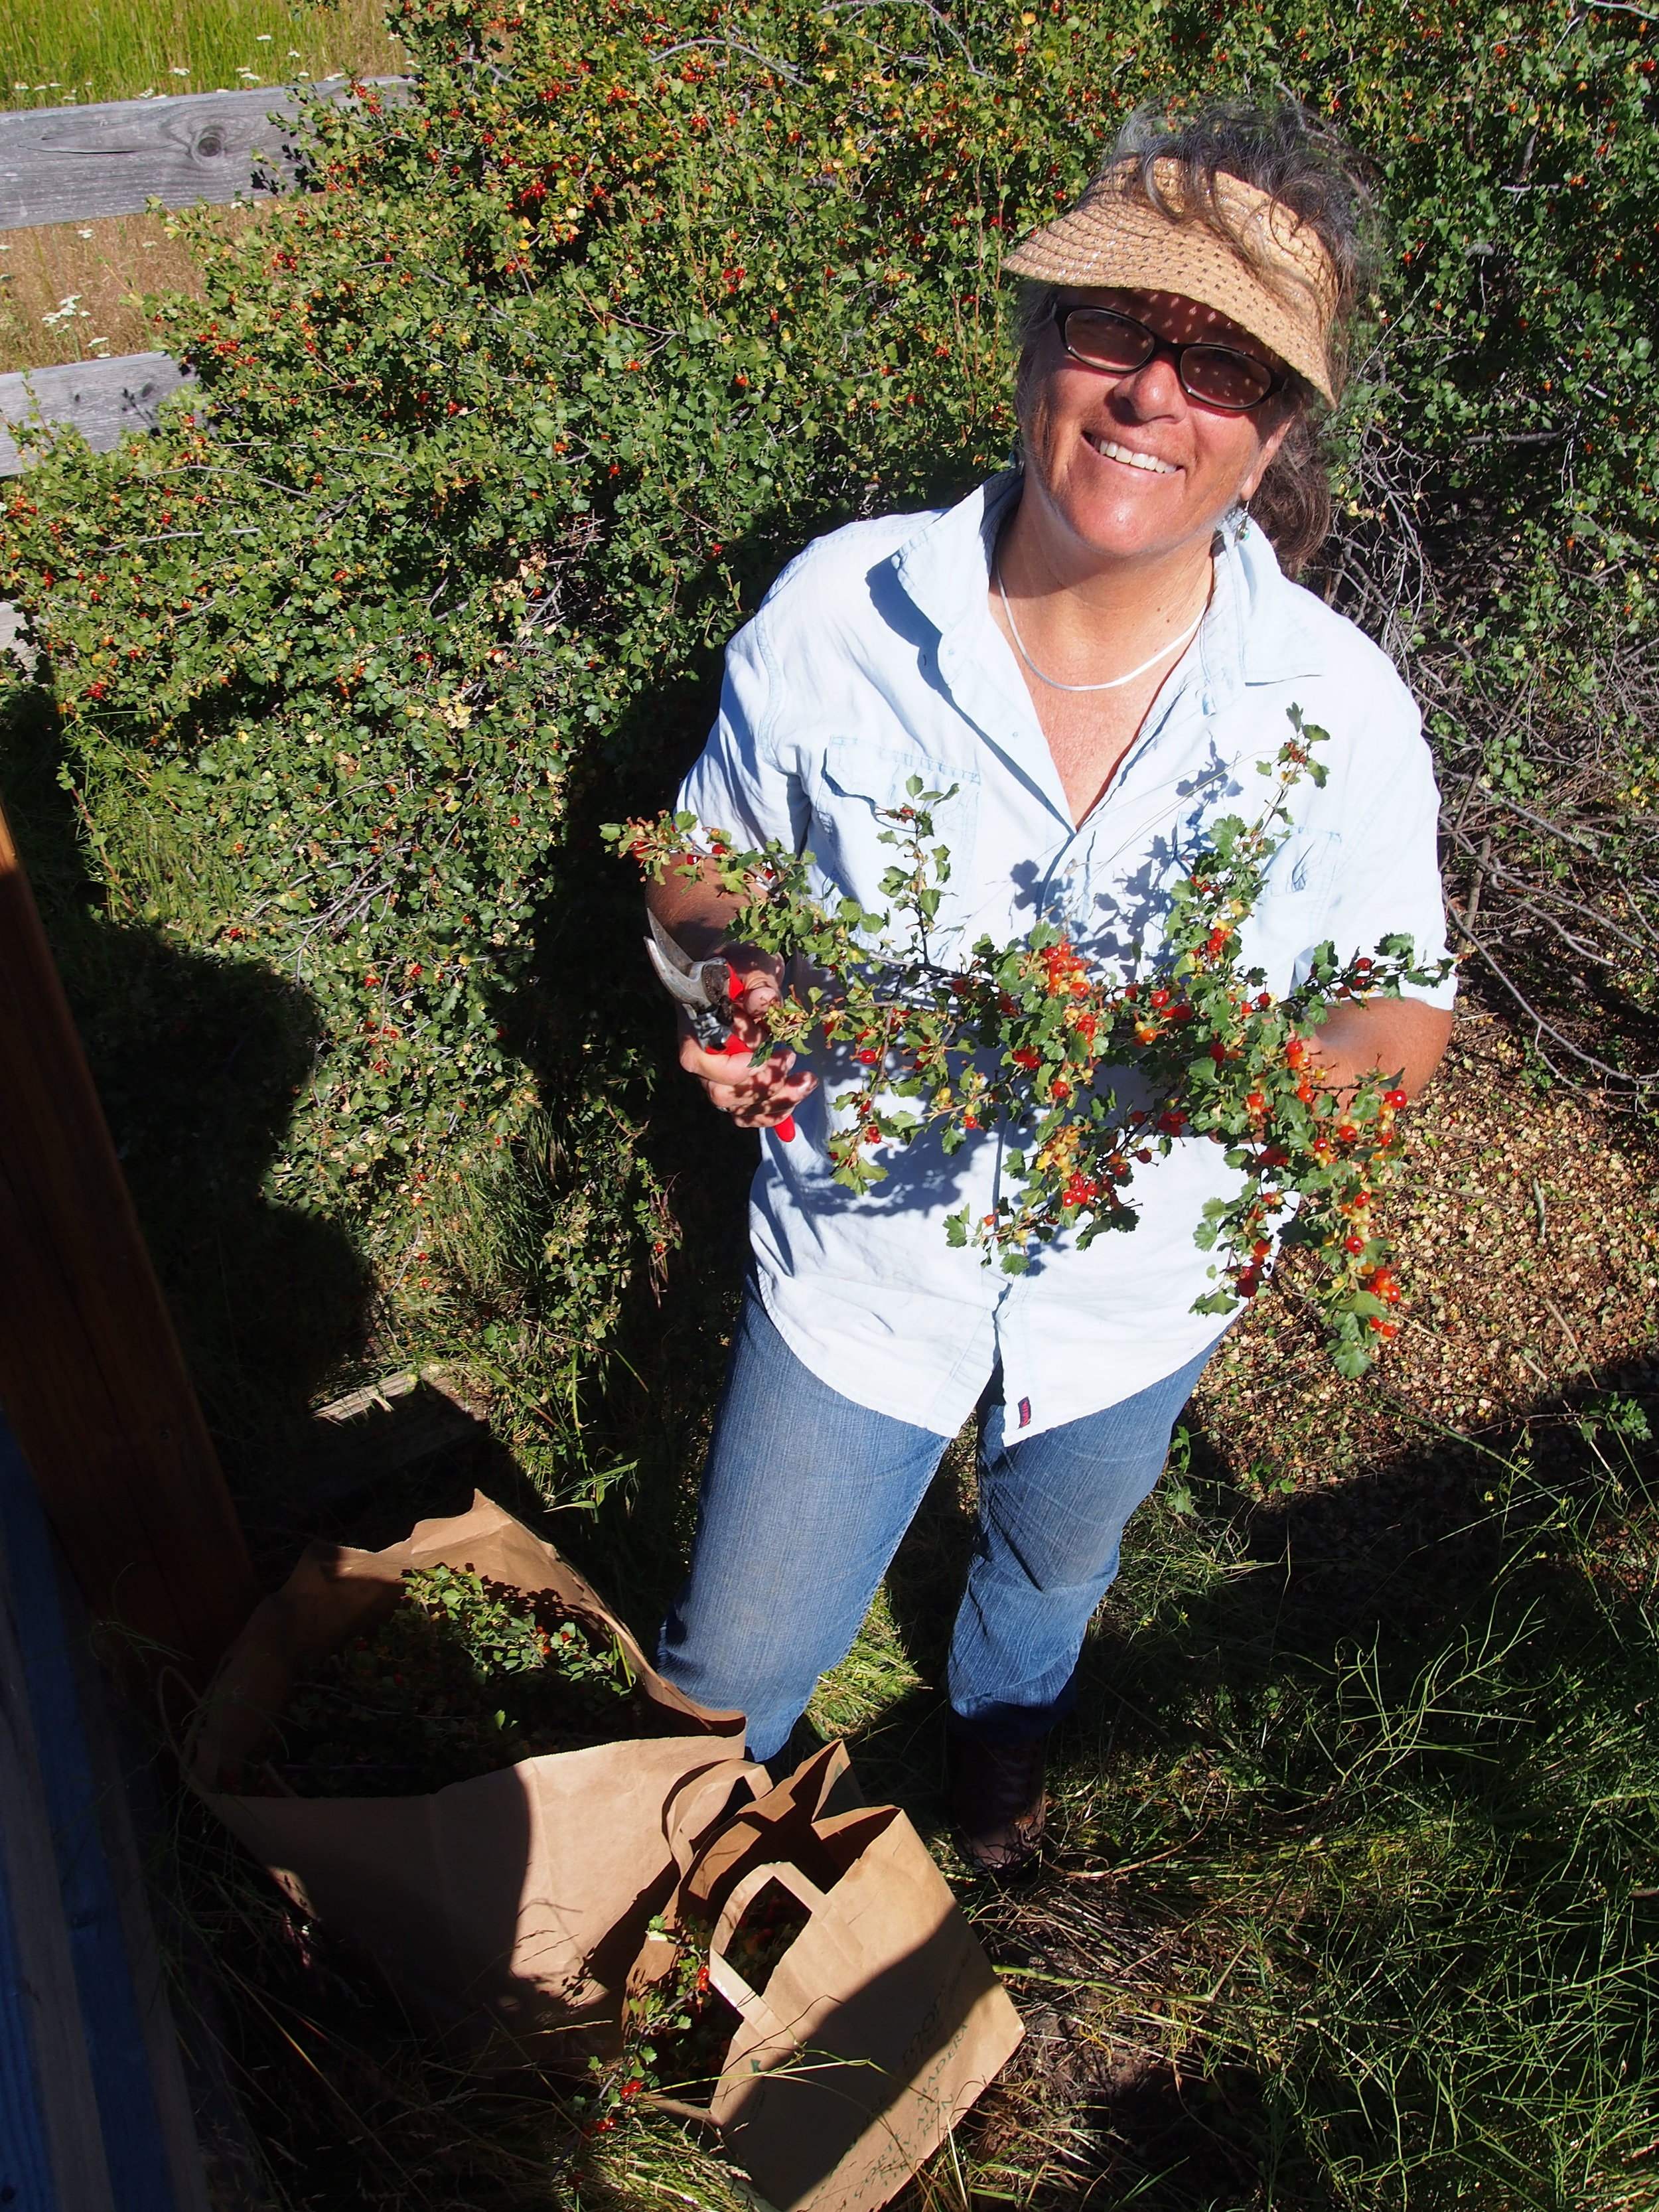 Karen harvesting wild currants.